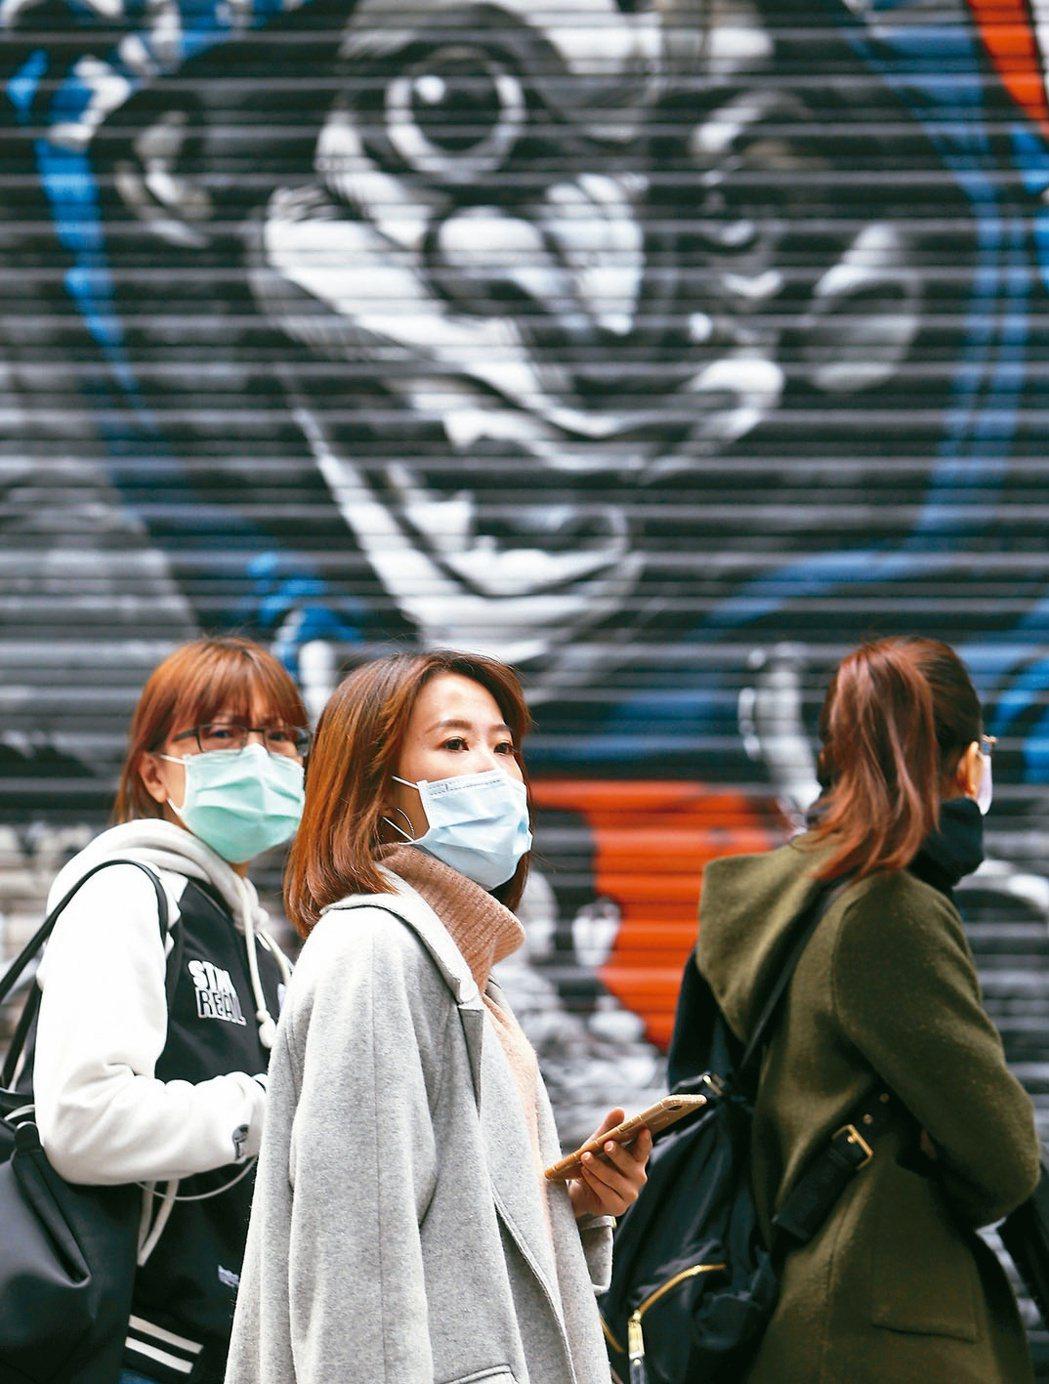 新冠肺炎迅速蔓延全球,疫情何時終結充滿不確定性。圖為帶著口罩的民眾。 圖/聯合報...